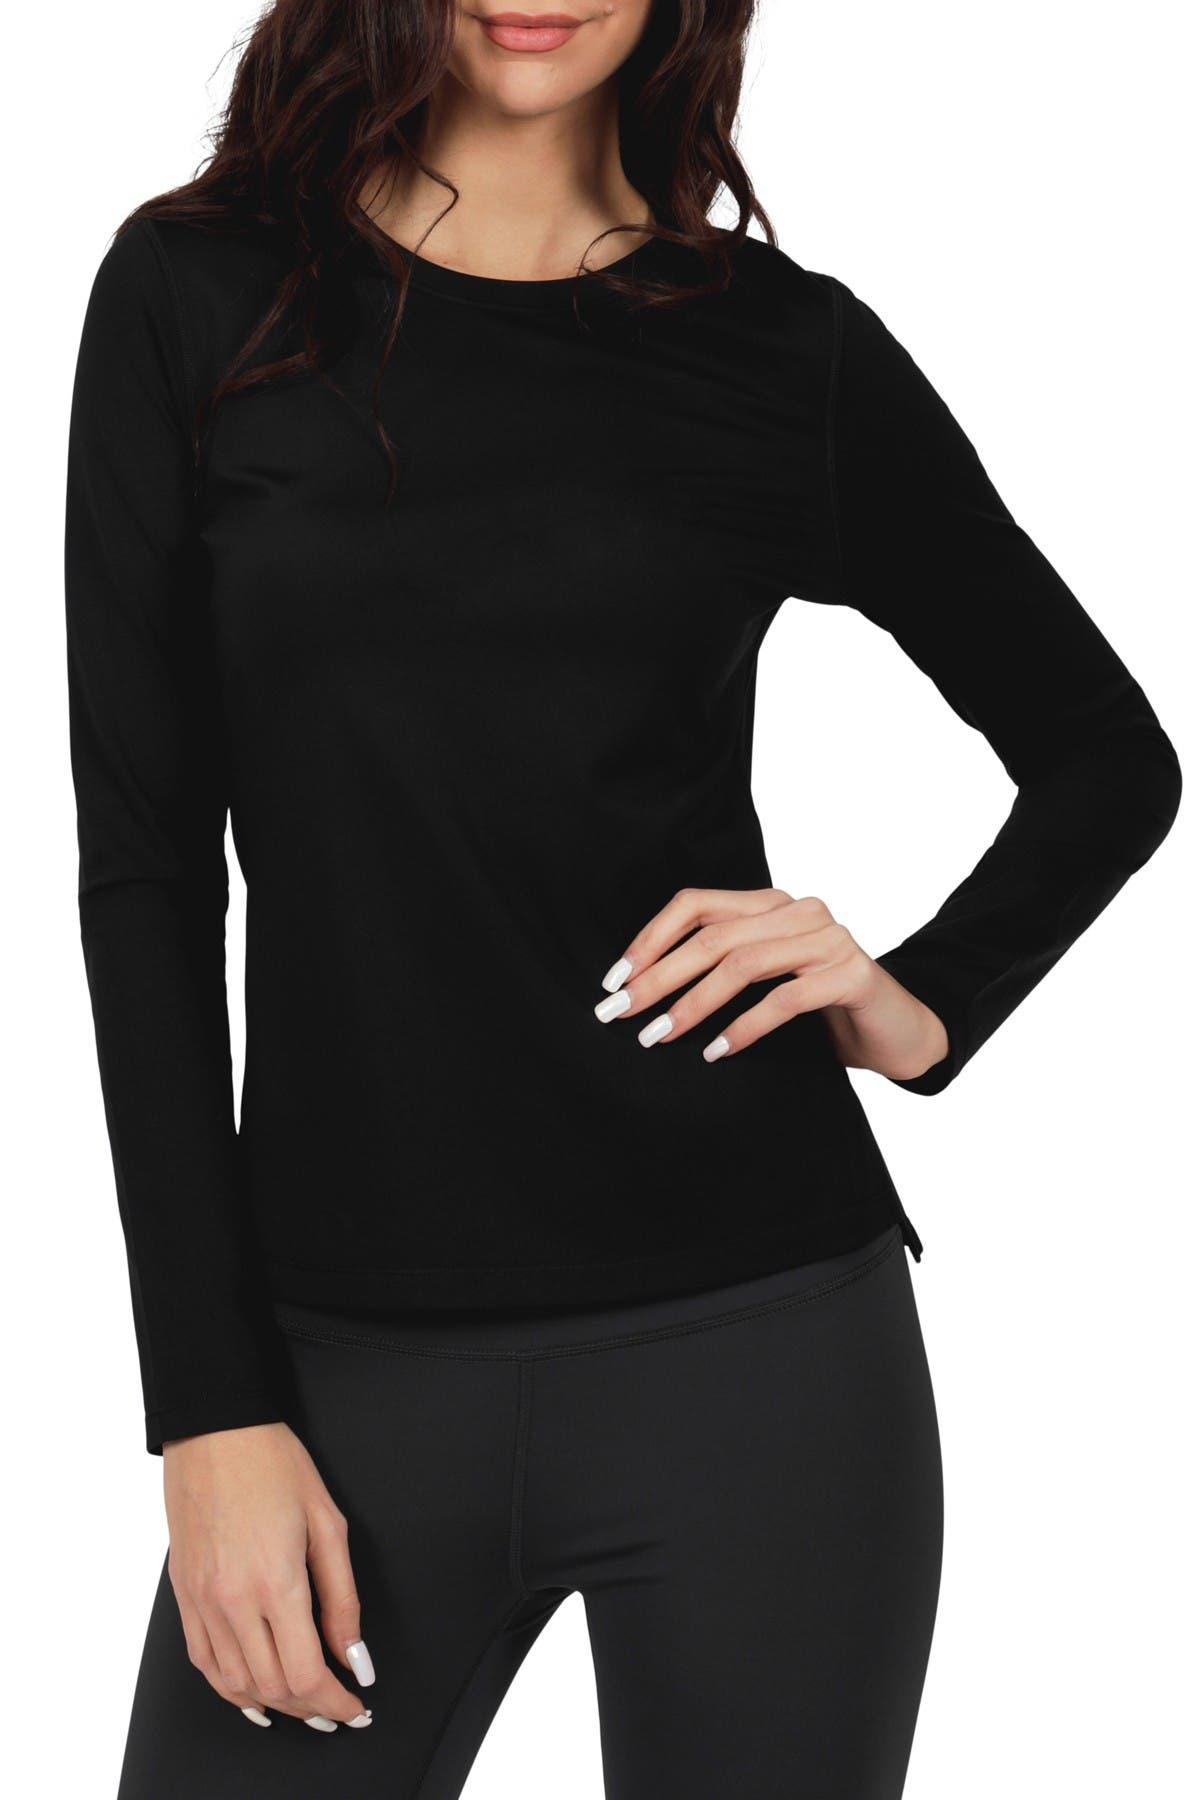 Image of 90 Degree By Reflex Ultralink Fleece Long Sleeve Top